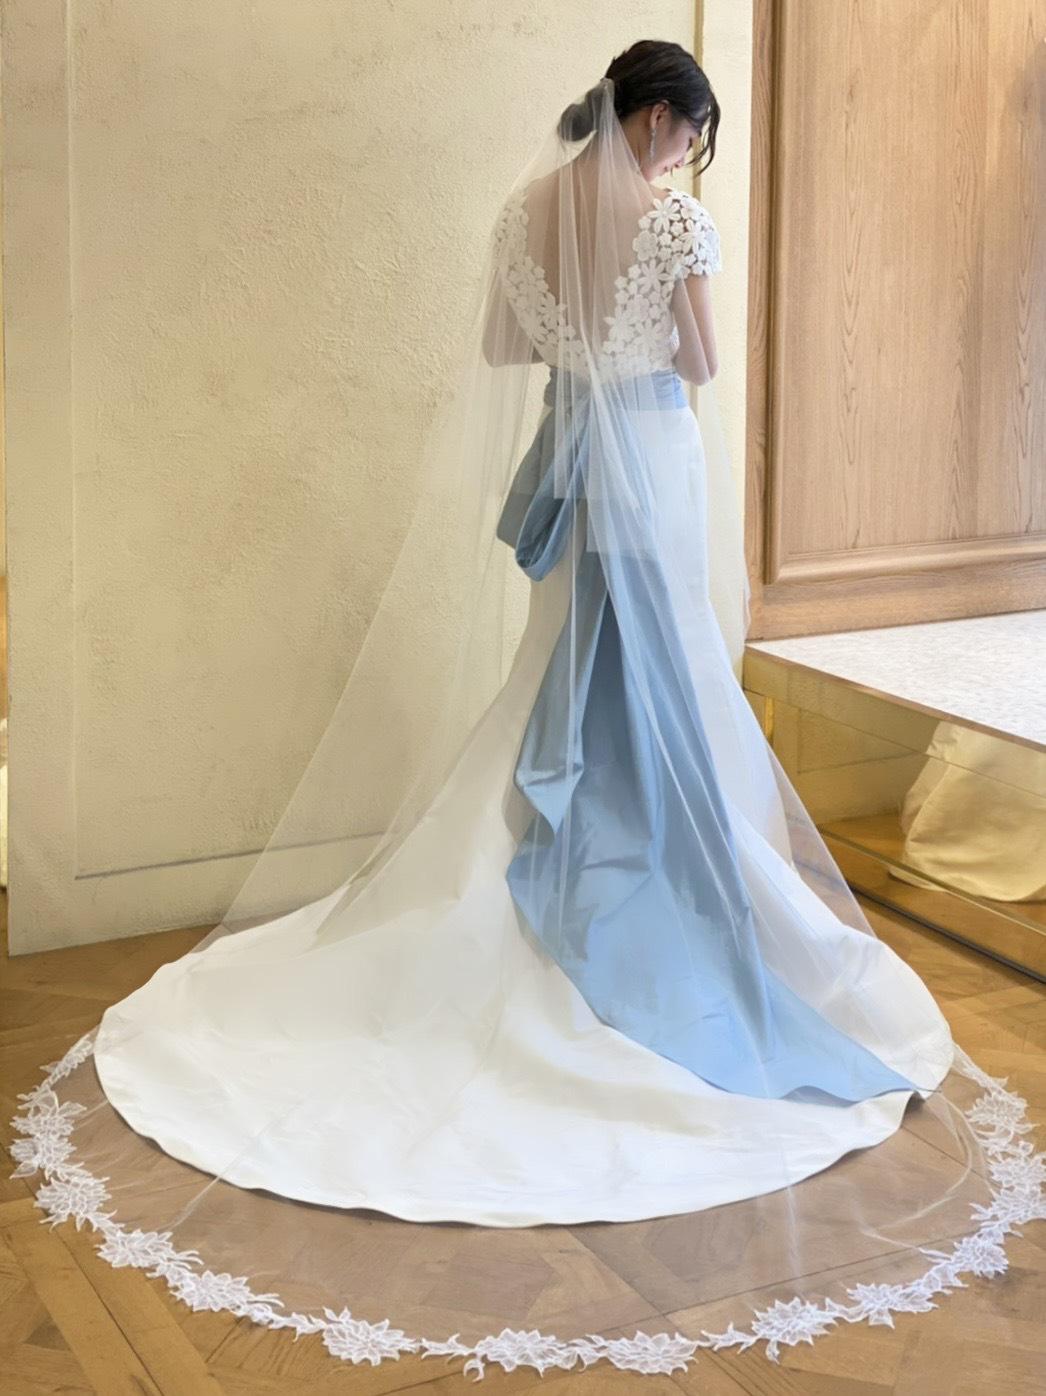 トリートオリジナルブランドのセカンドコレクションのブルーリボンが付いたマーメイドドレス